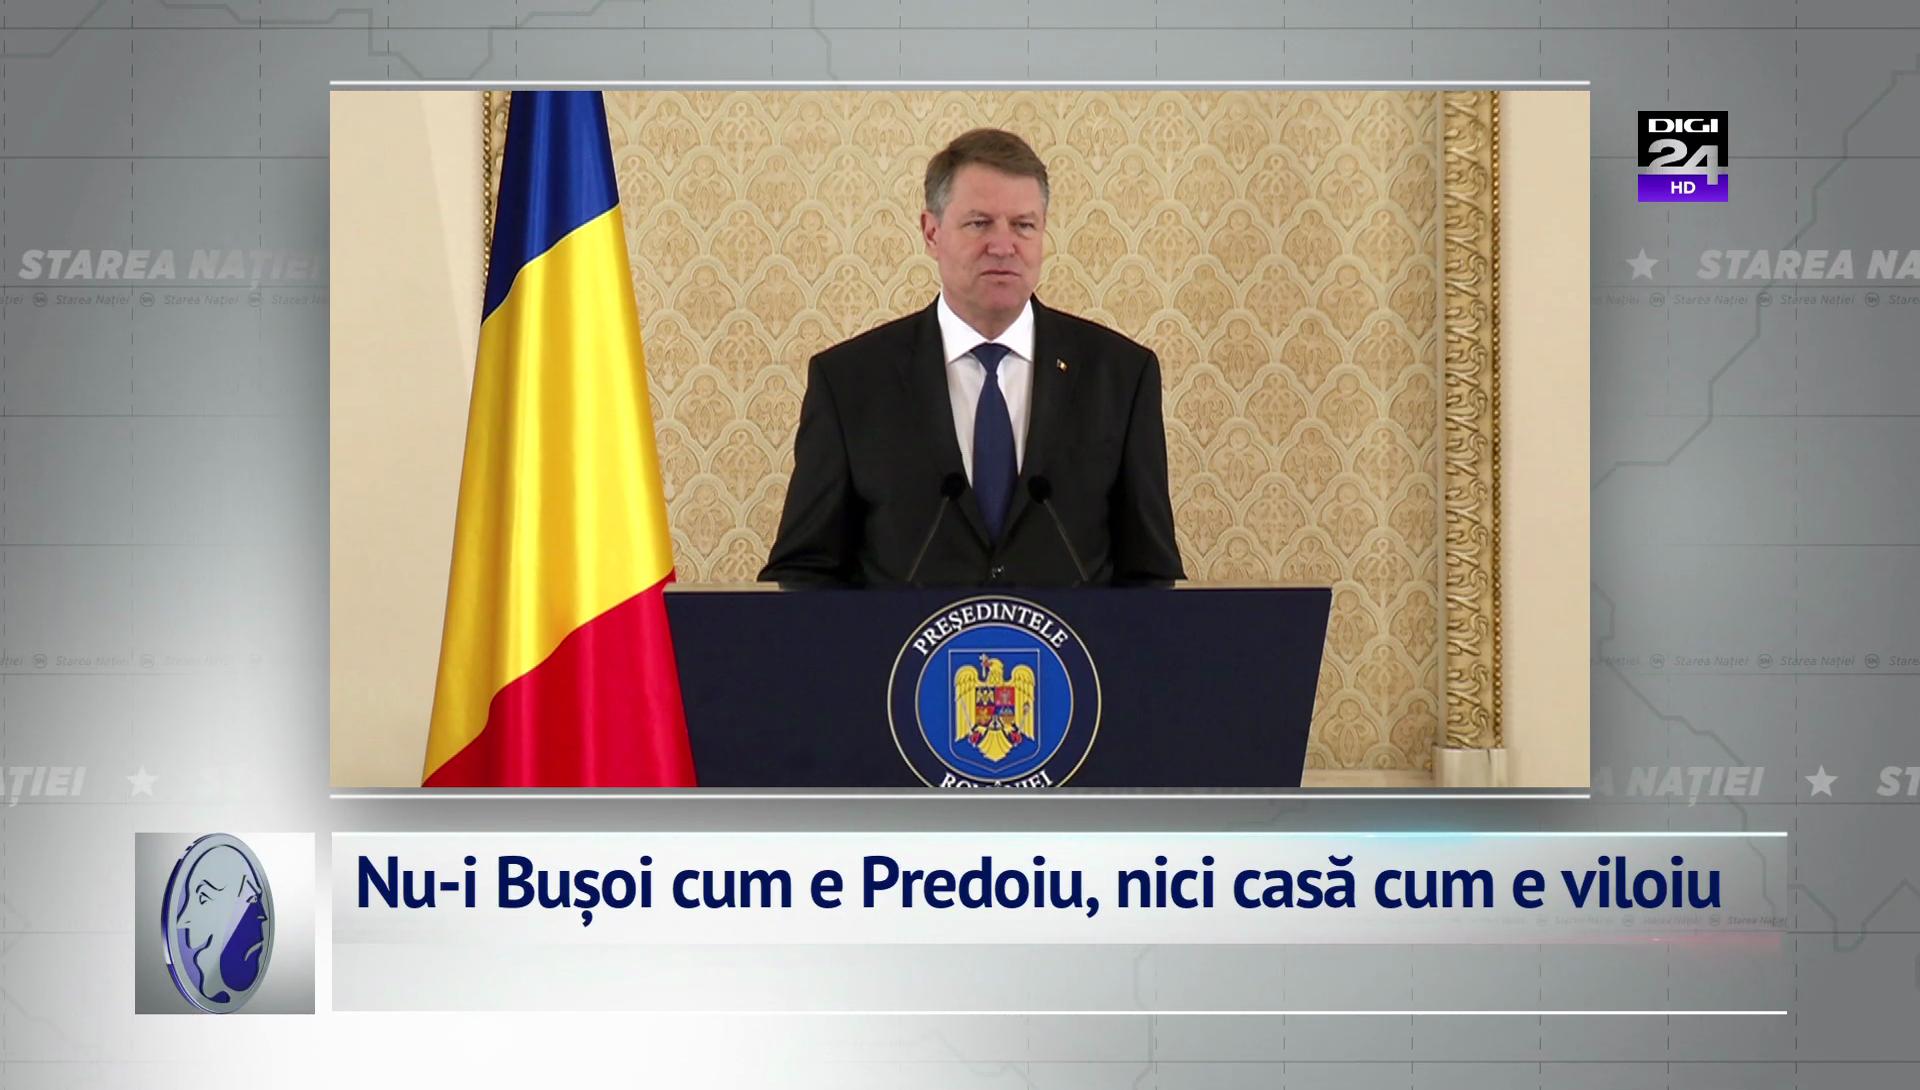 Nu-i Bușoi cum e Predoiu, nici casă cum e viloiu